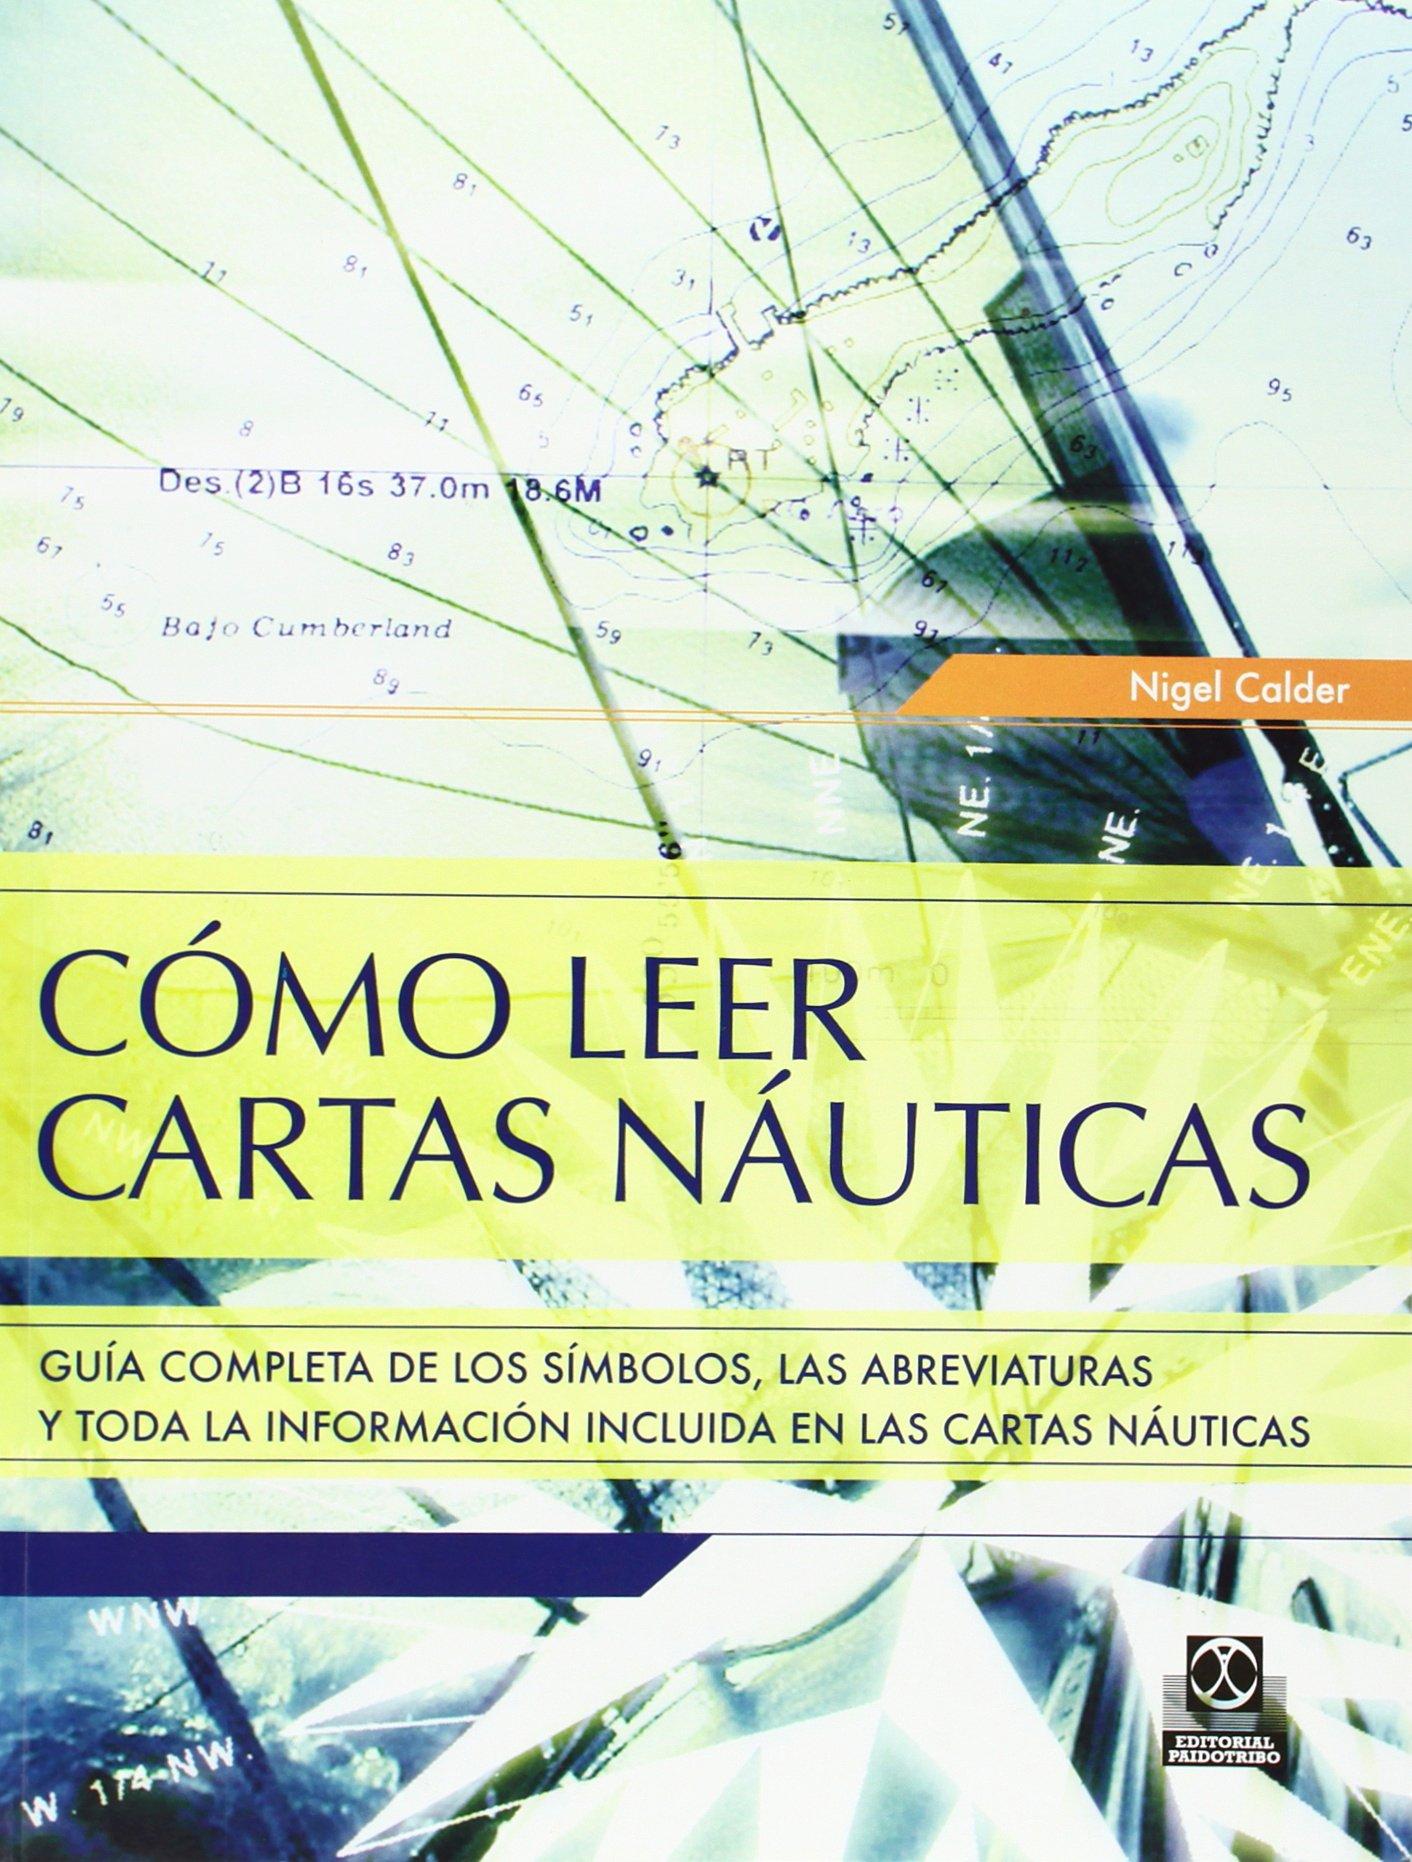 COMO LEER CARTAS NAUTICAS (Color) (Spanish Edition): Nigel ...